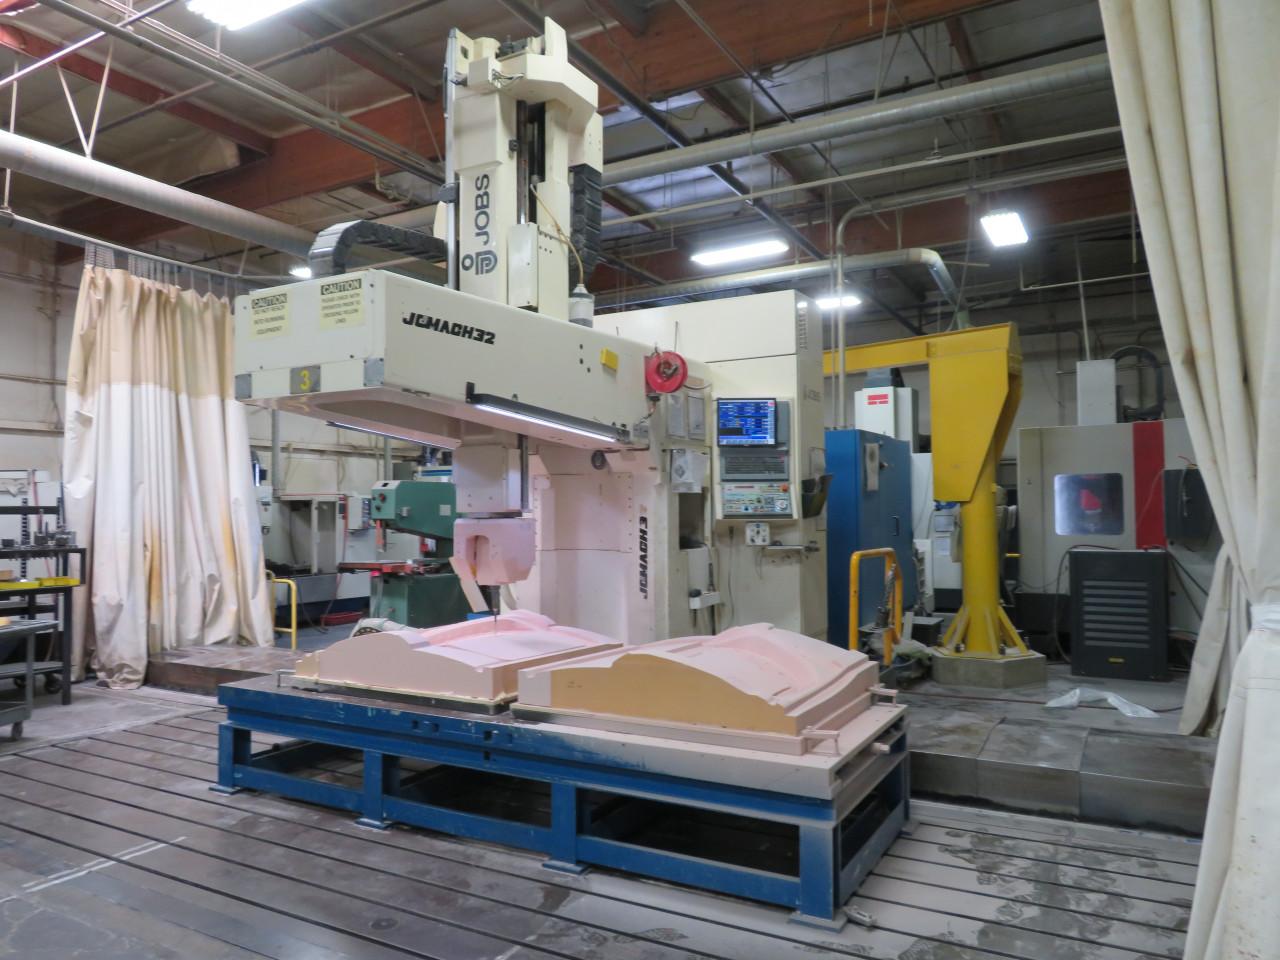 JOBS 5-Axis Vertical Machining Center, Jomach 32